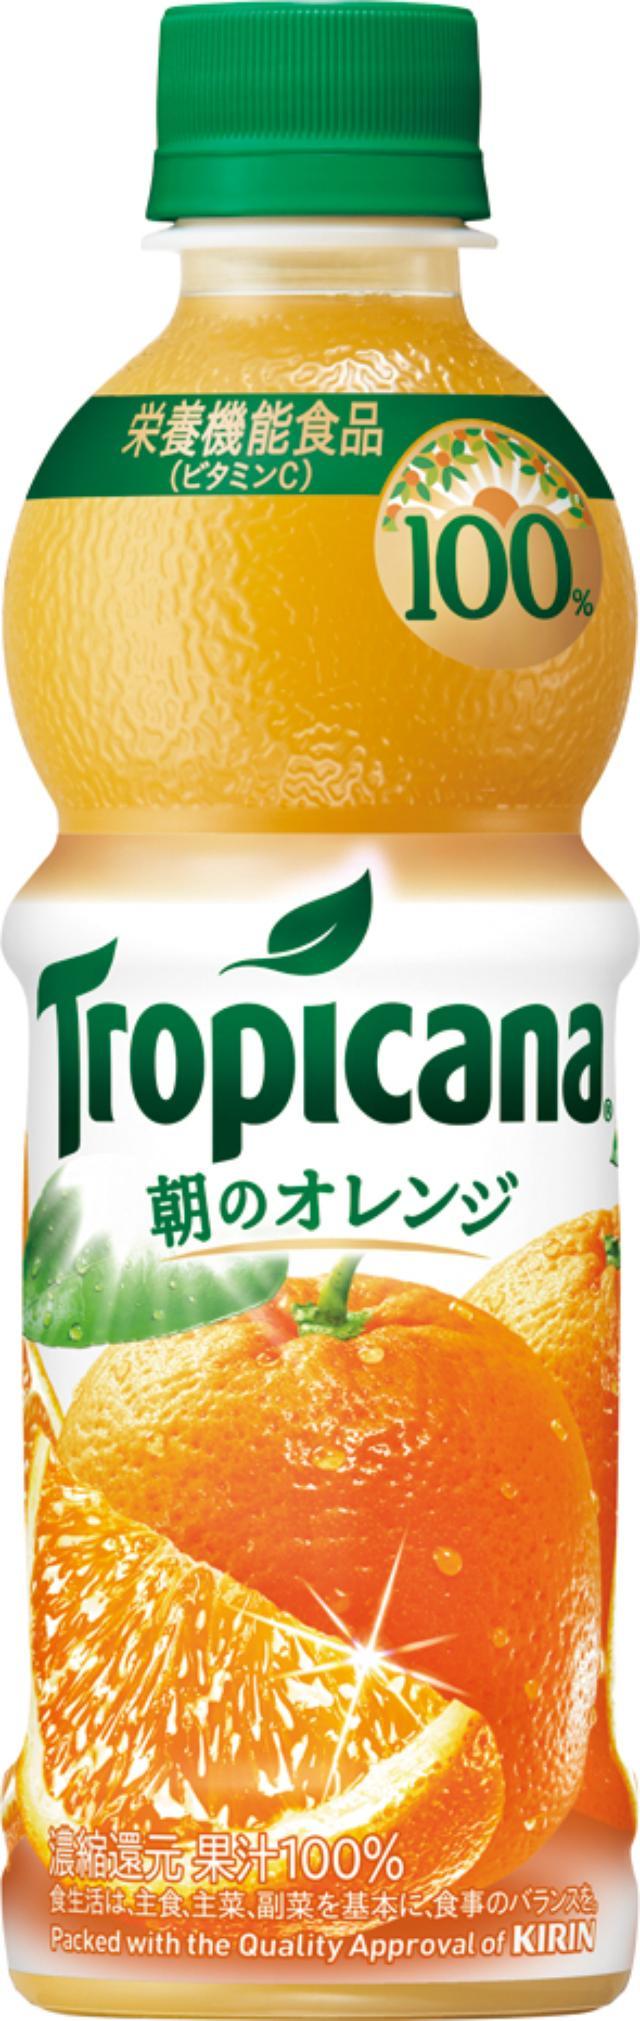 画像: 【読者プレゼント】大切な人との絆を深めるオレンジデーを応援|TOKYO HEADLINE